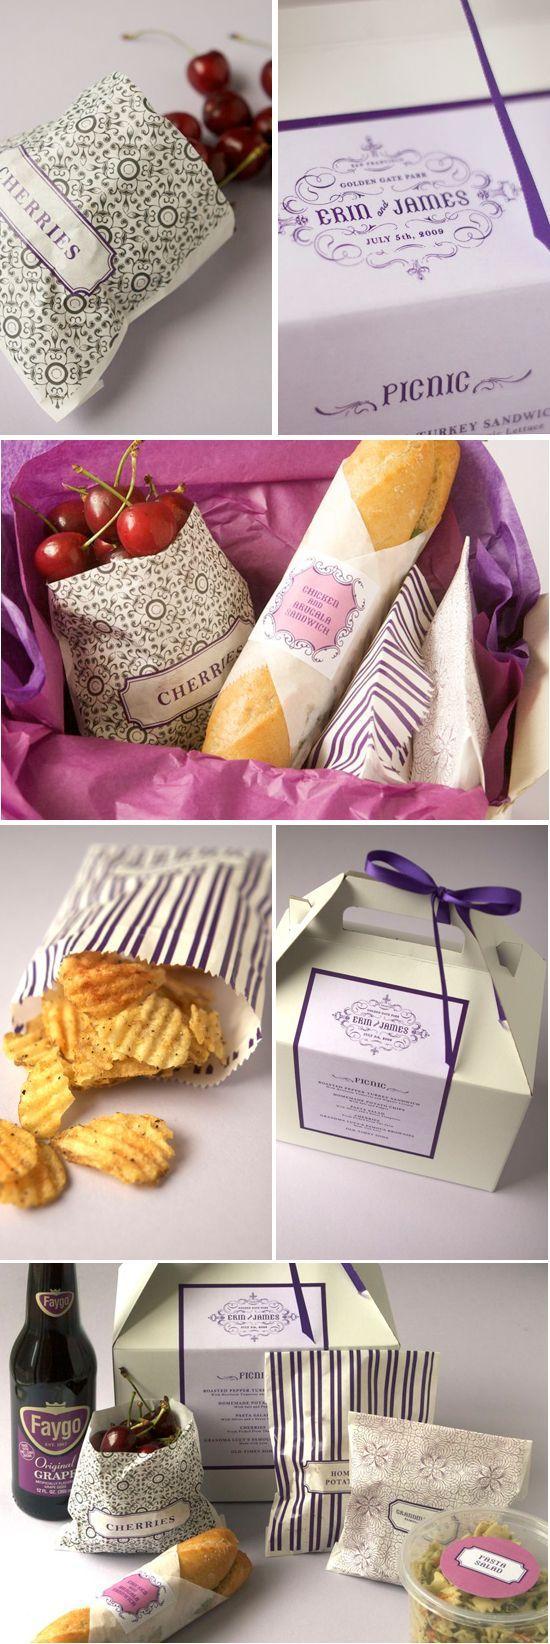 Pretty pretty picnic #prepare for picnic #summer picnic #company picnic